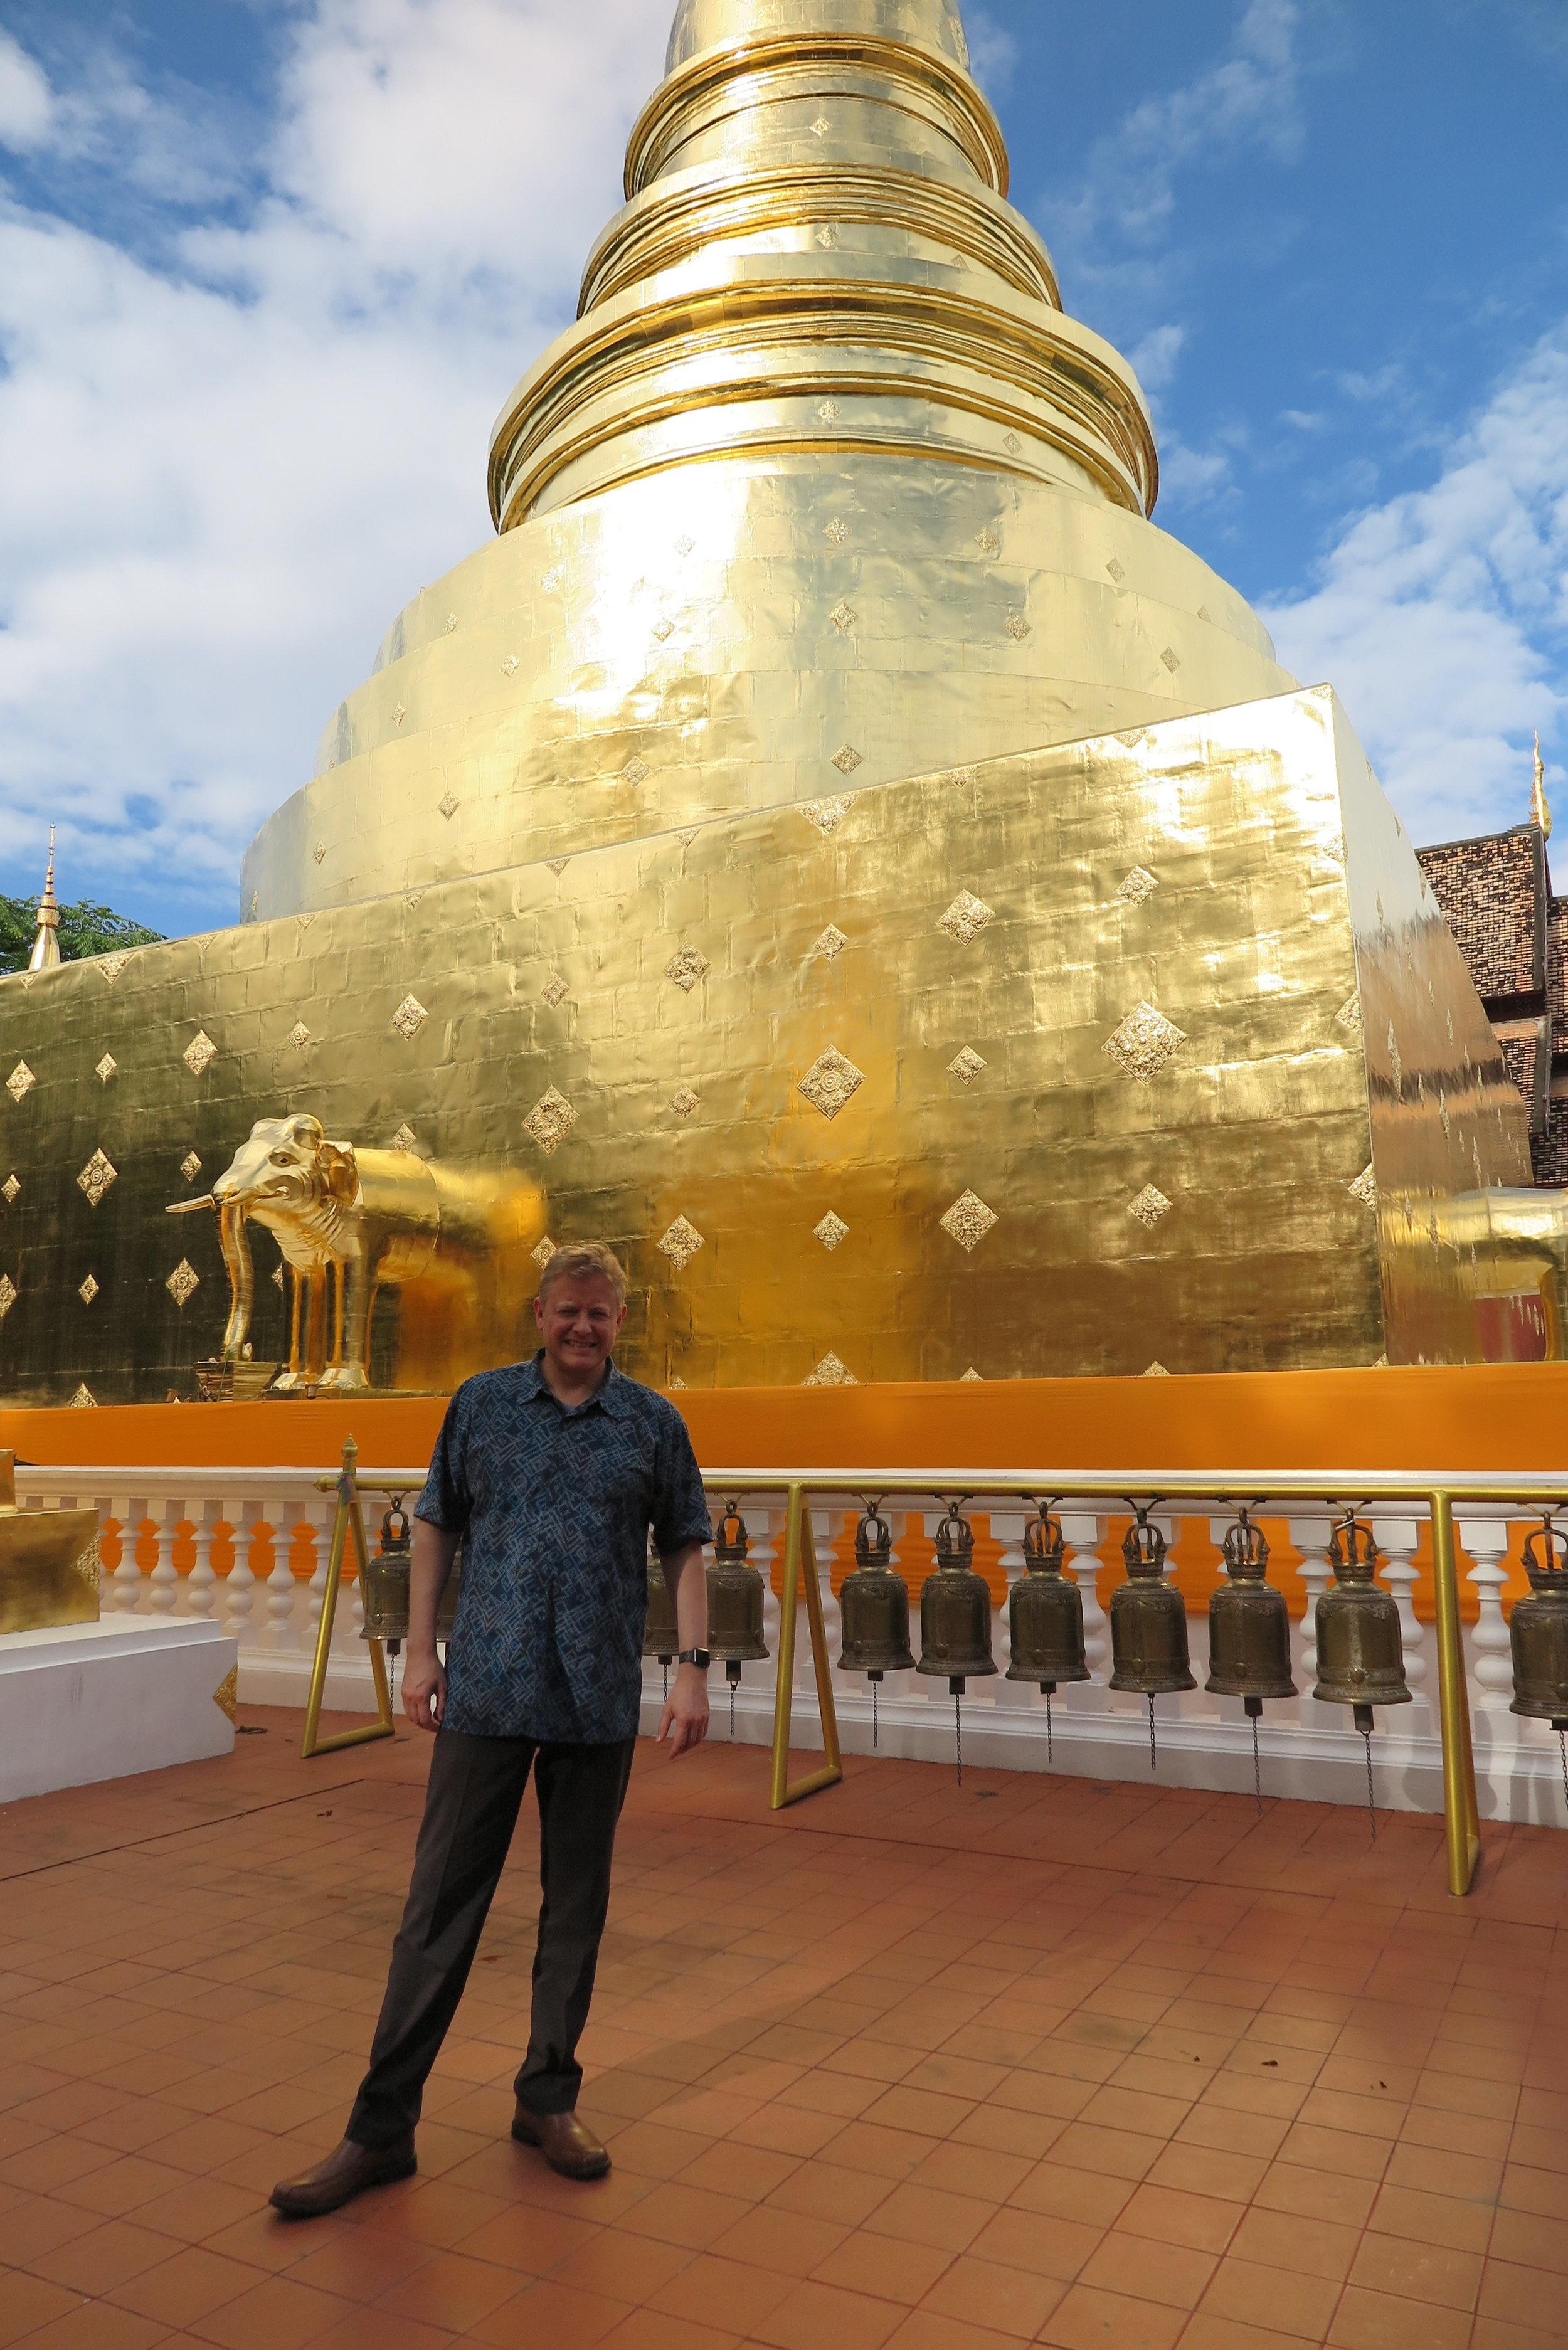 This is Wat Phra Singh.